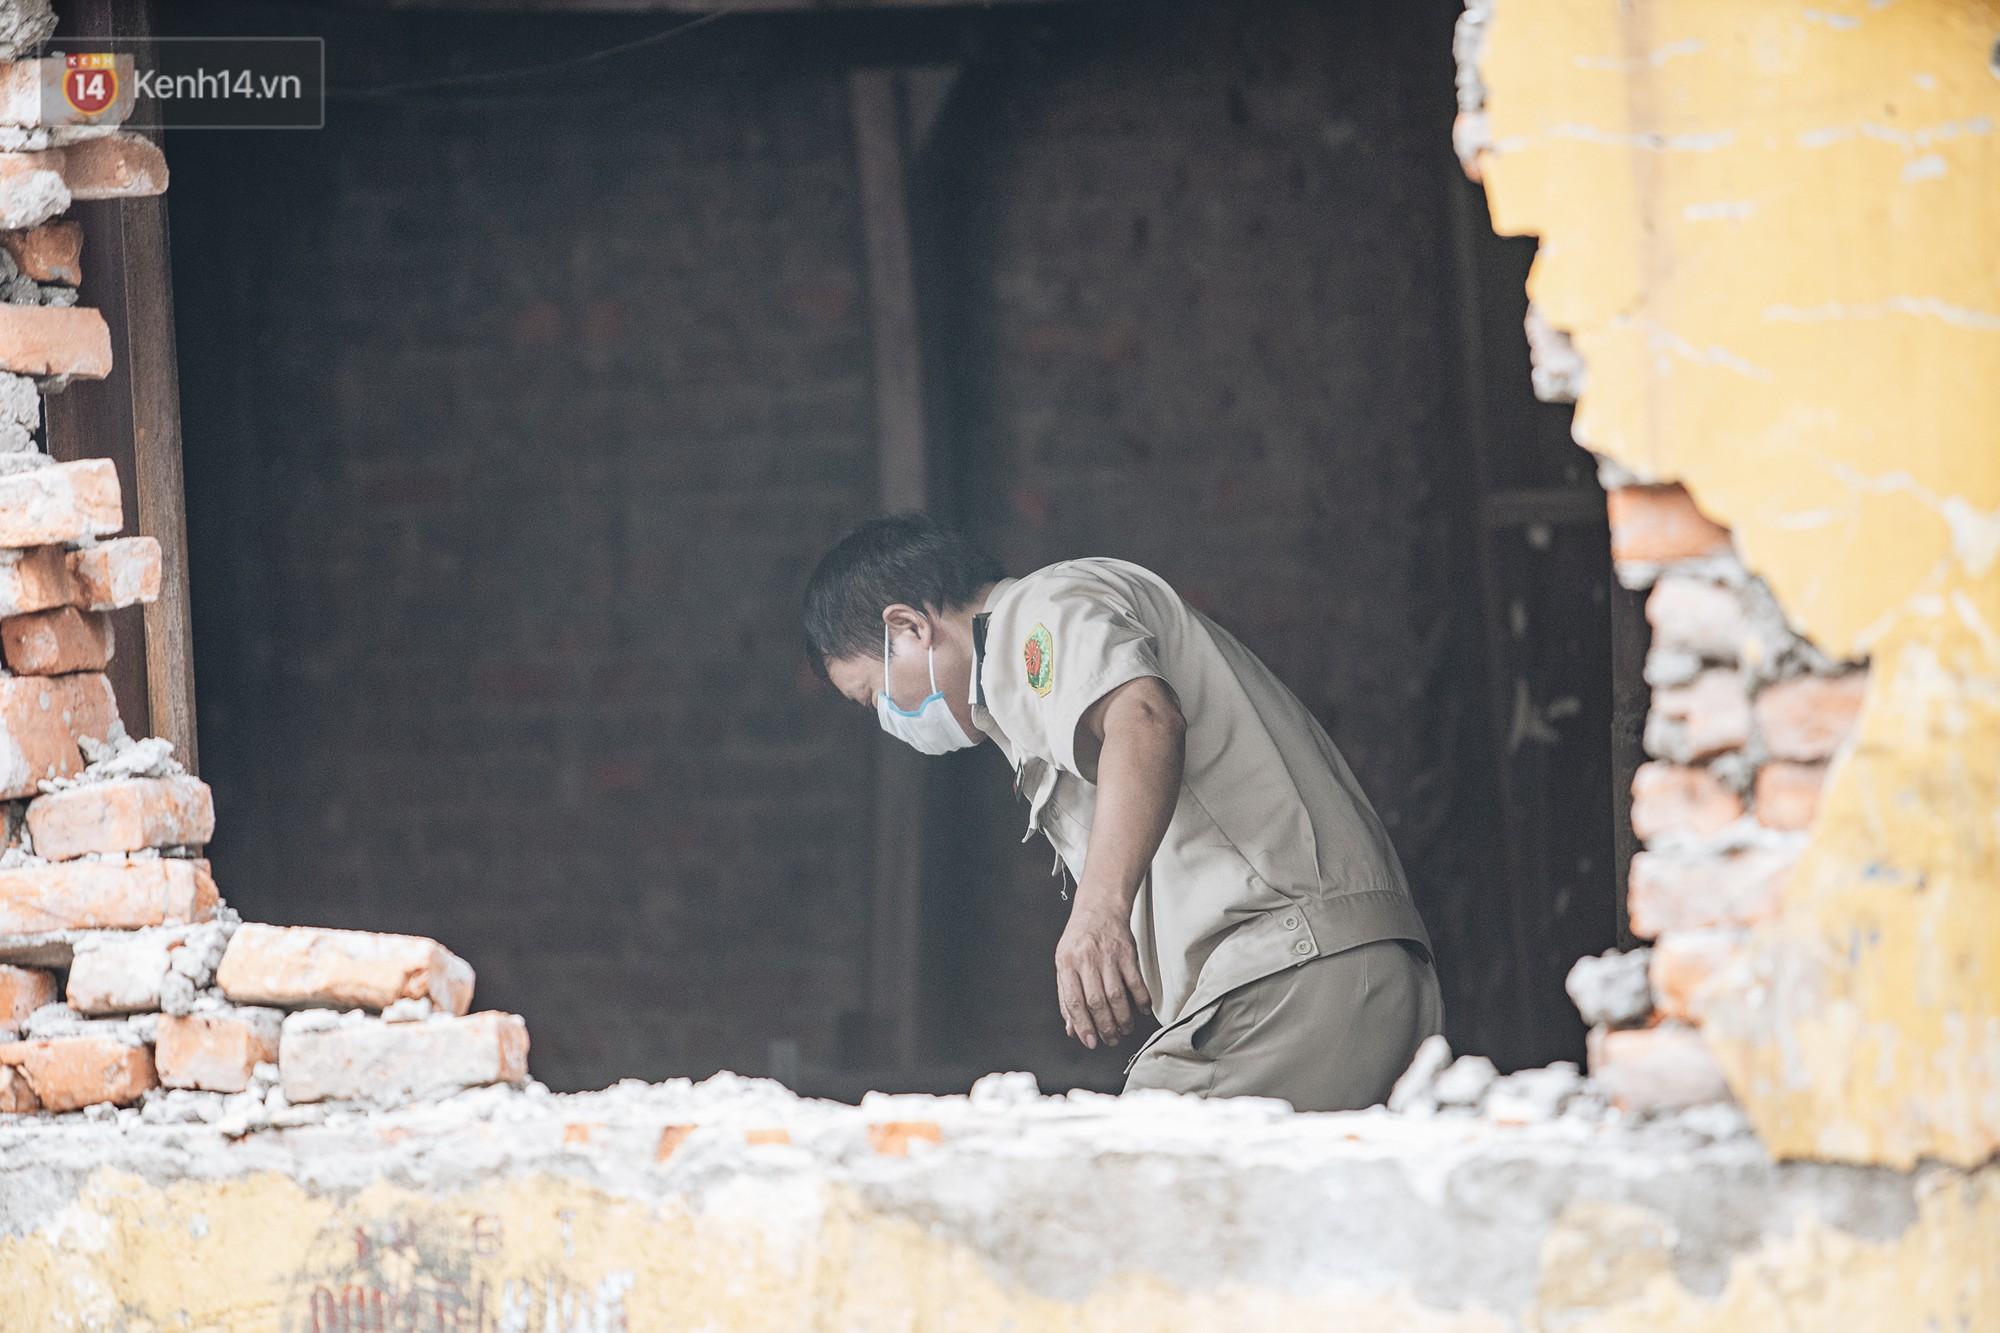 VZN News: Cuộc sống xung quanh nhà kho Rạng Đông sau vụ cháy: Người lớn cay mắt và khó thở, trẻ nhỏ được sơ tán - Ảnh 11.